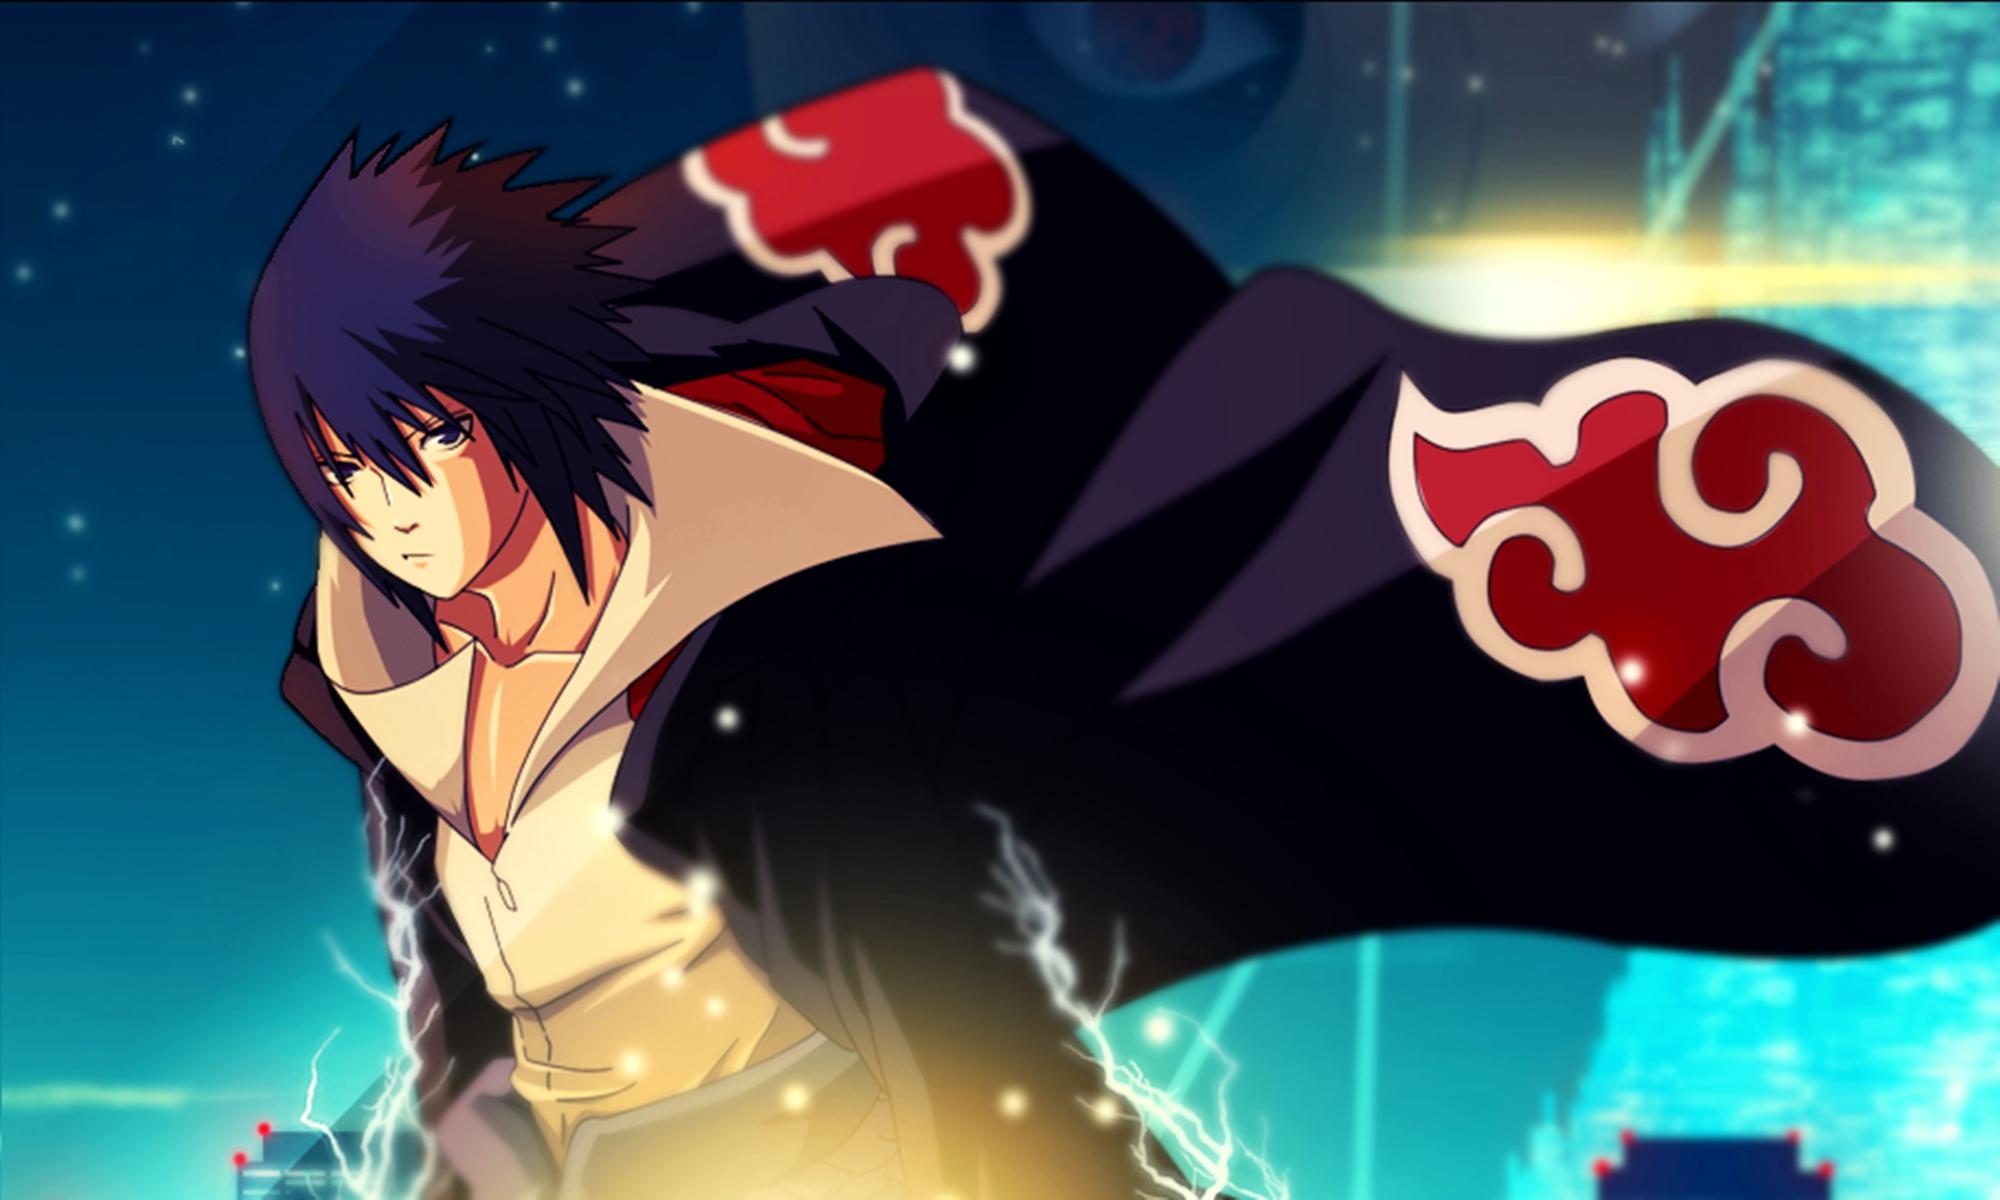 Uchiha Sasuke Wallpaper Image Pics - Sasuke Uchiha Akatsuki Art - HD Wallpaper